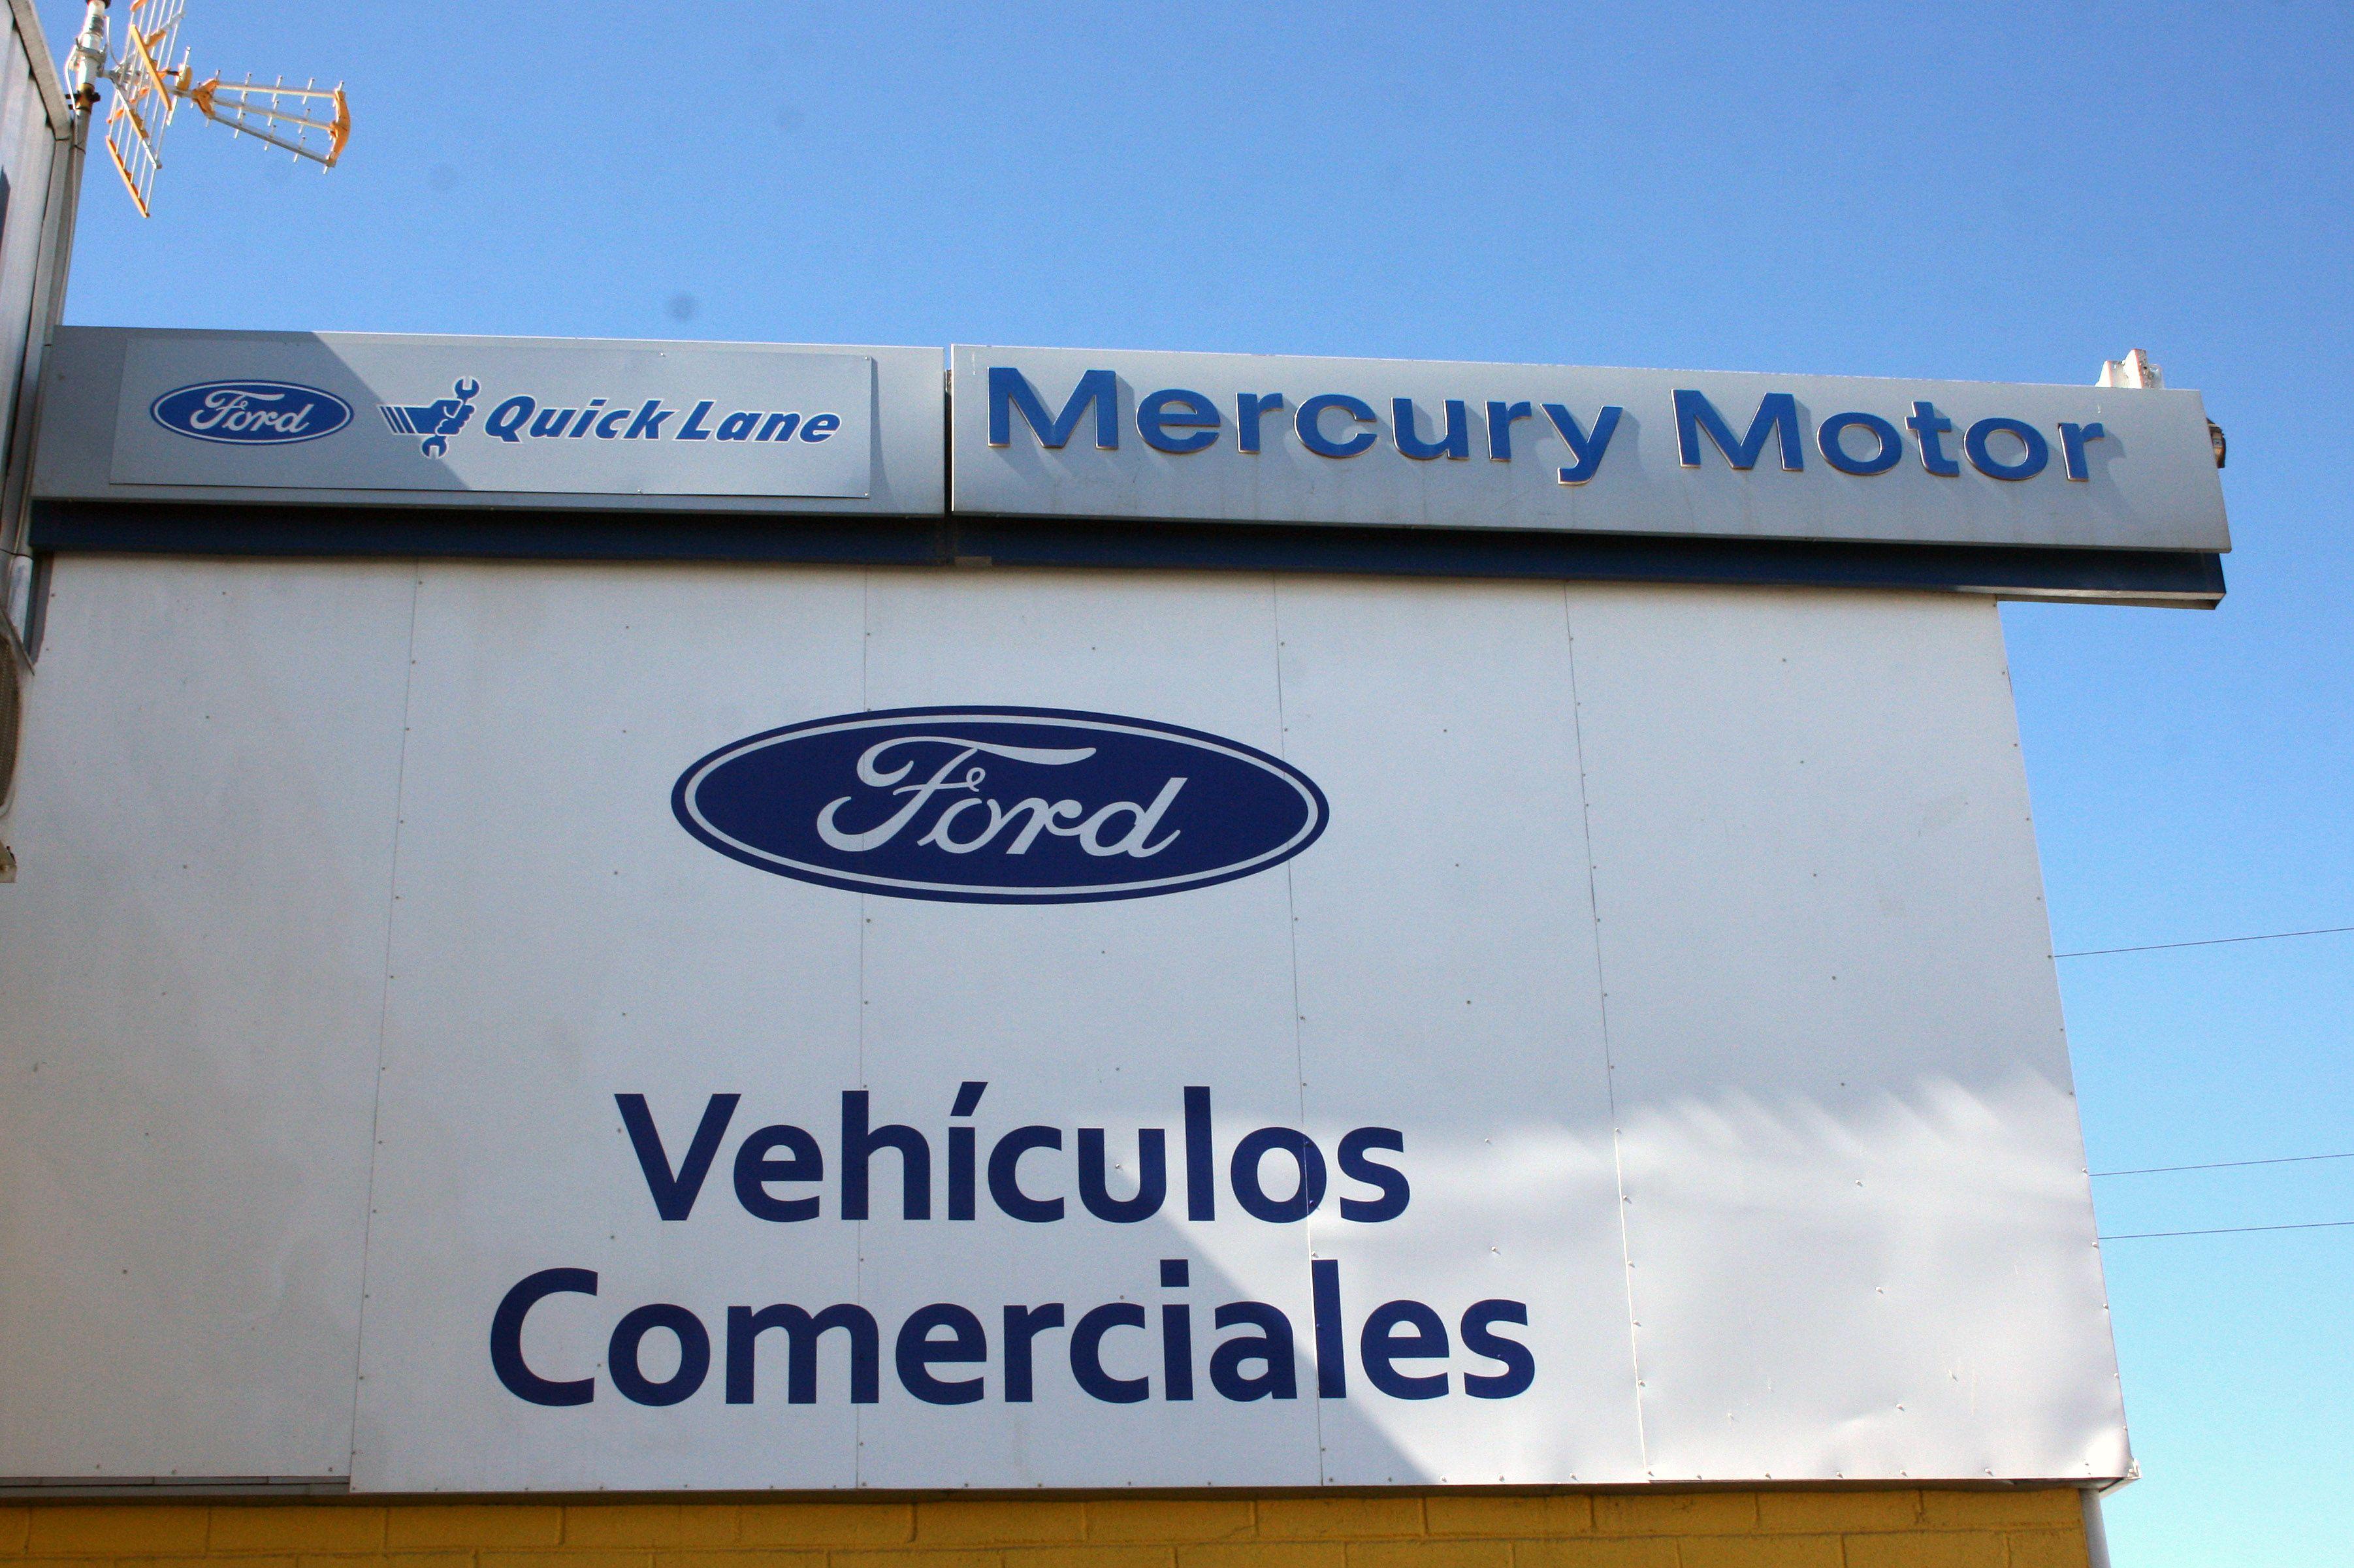 Mercury Motor te ofrece vehículos nuevos y de ocasión